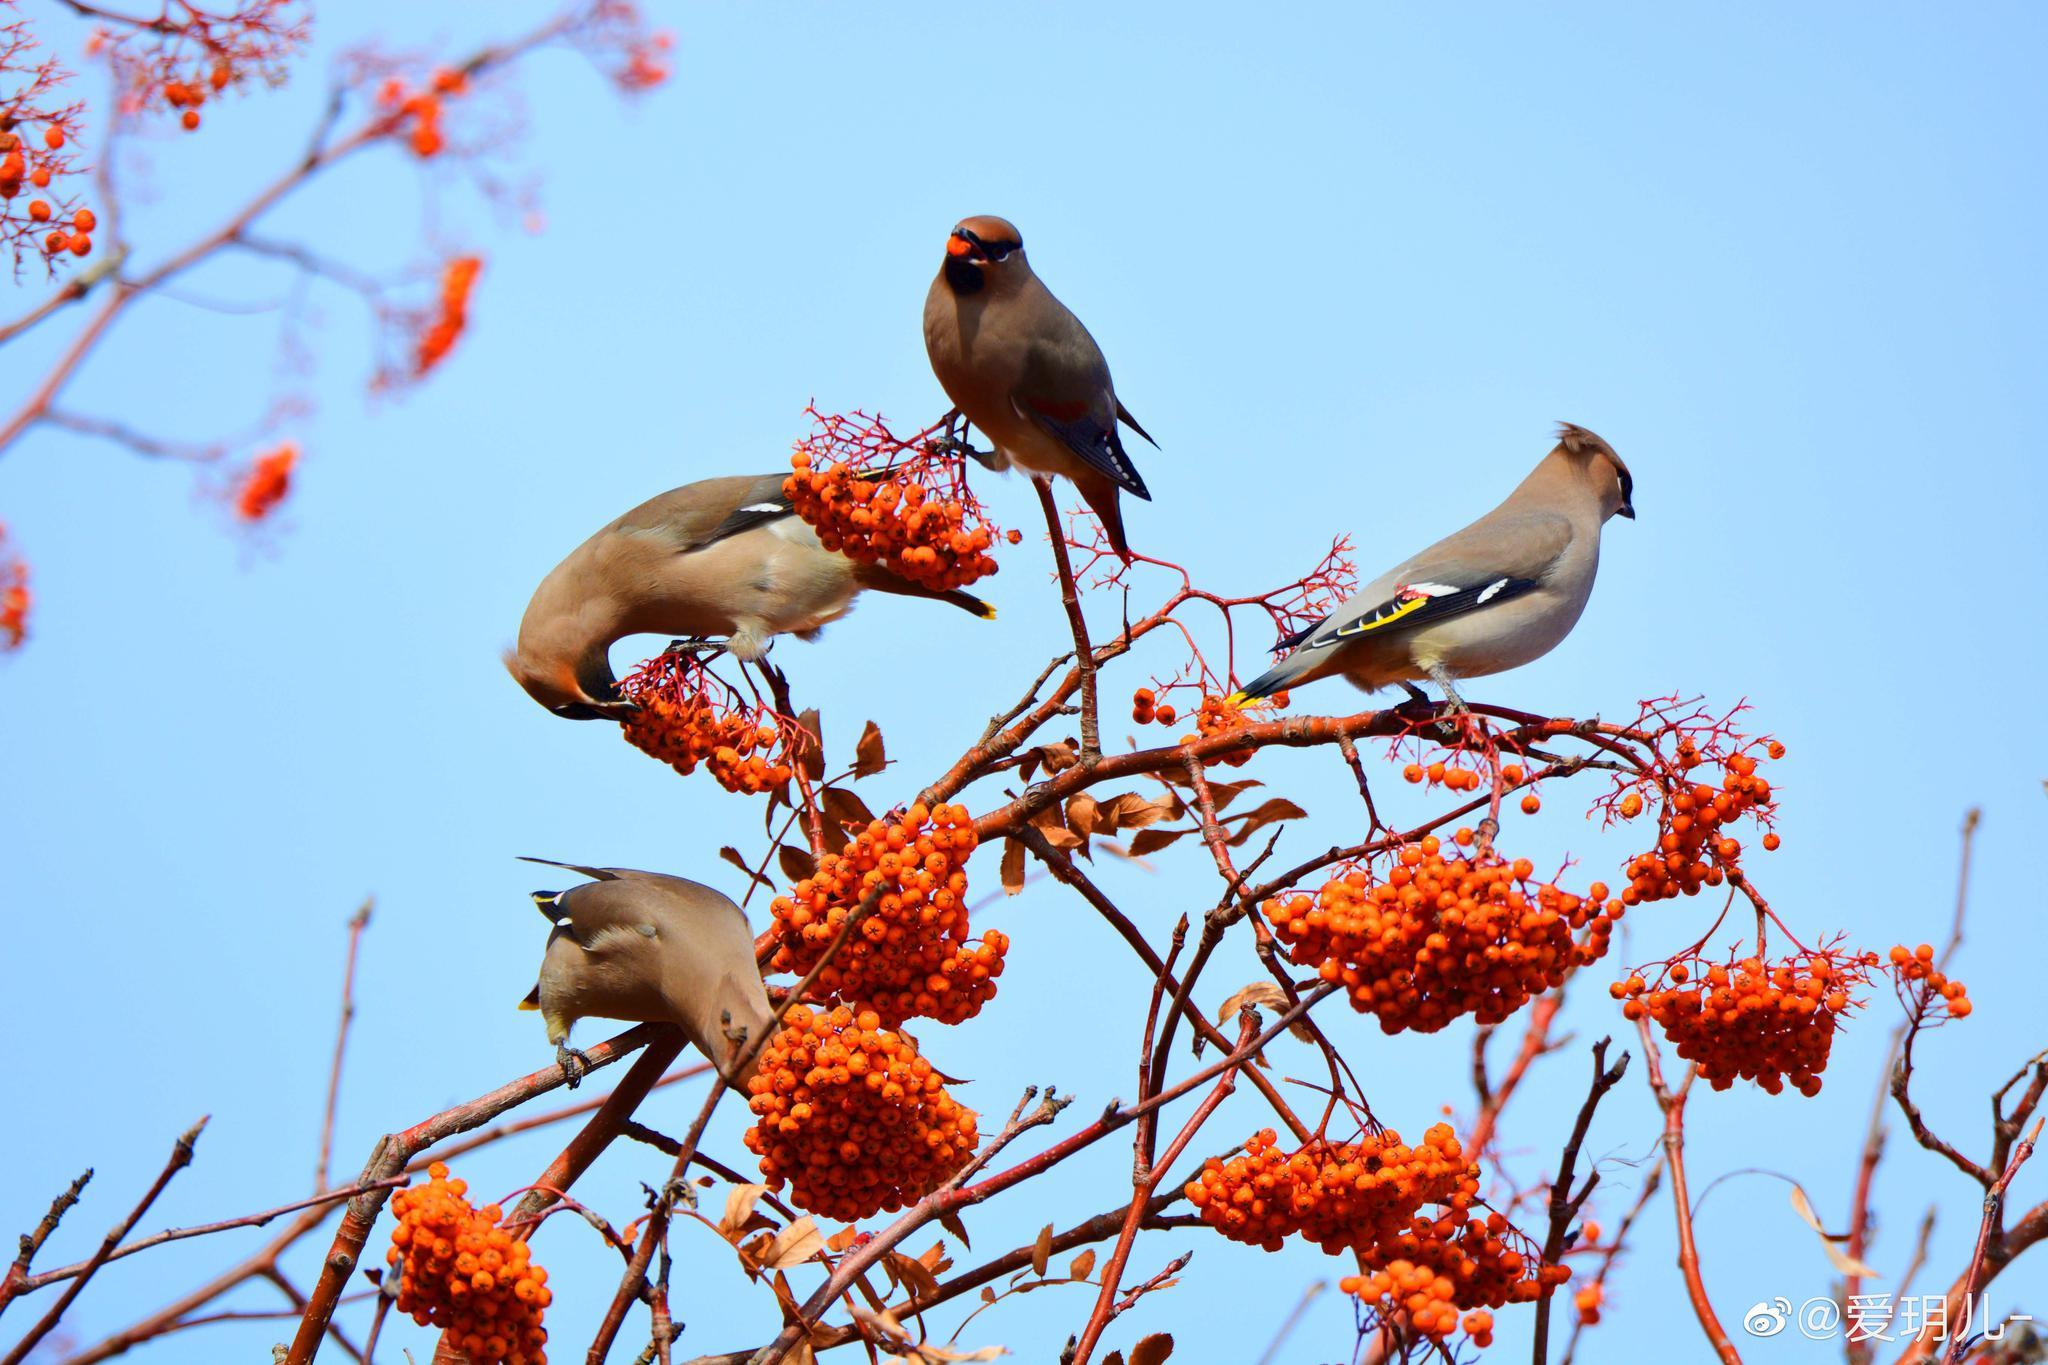 又萌又可爱的太平鸟喜欢吃花楸树的果实